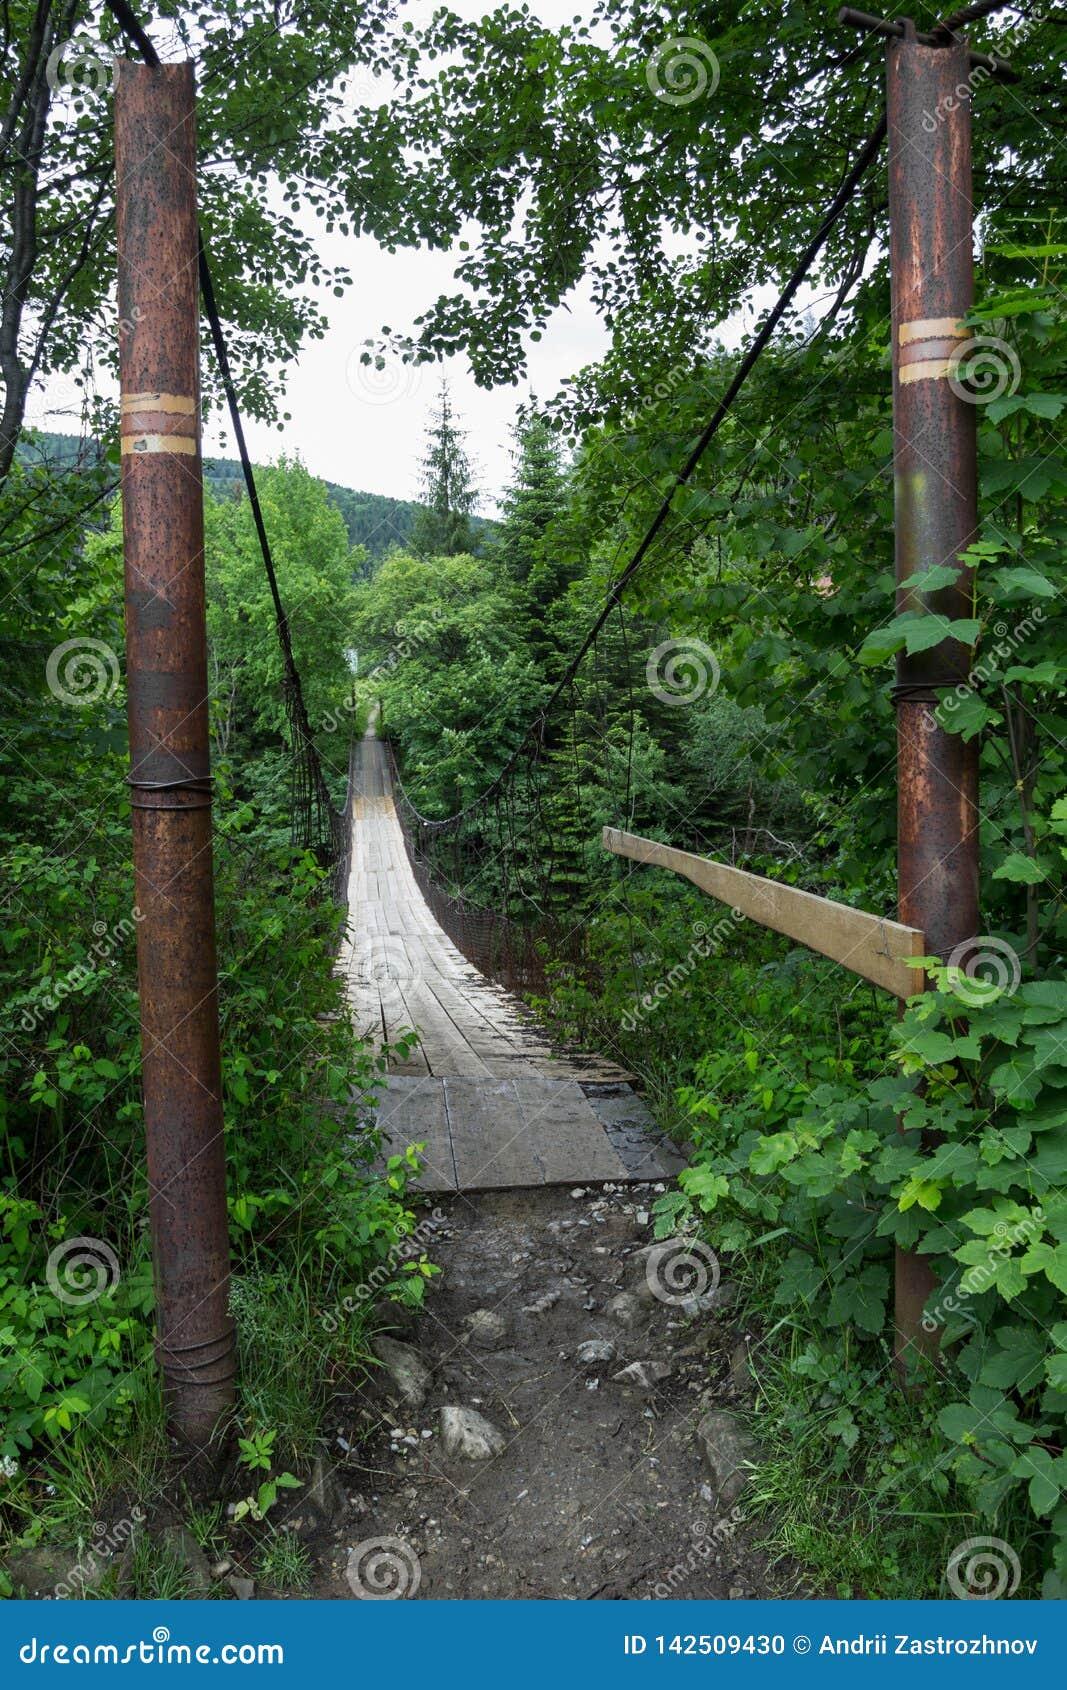 Eingang zur alten Hängebrücke über dem Fluss im Wald